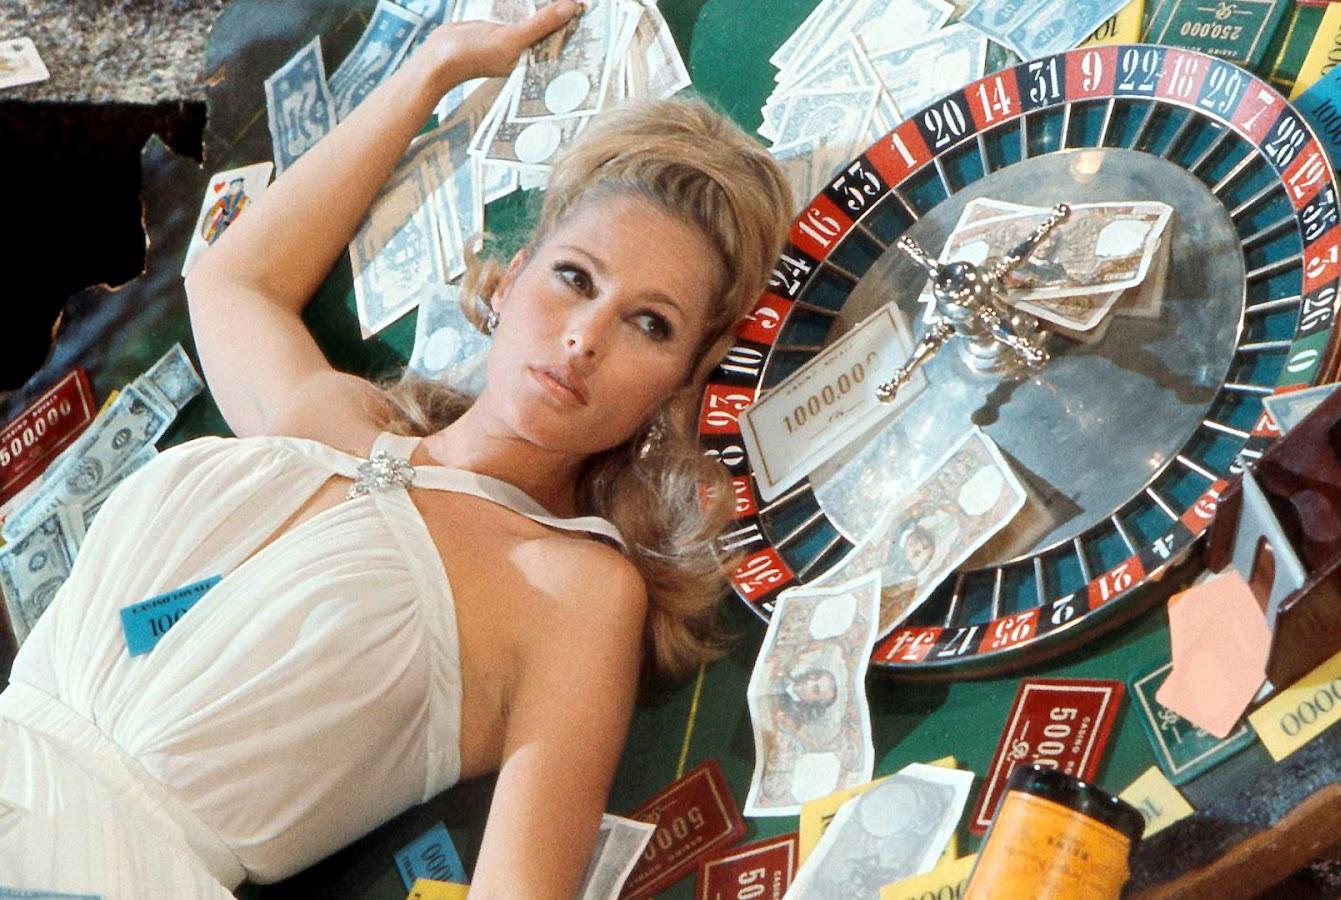 Skyfall poker scene